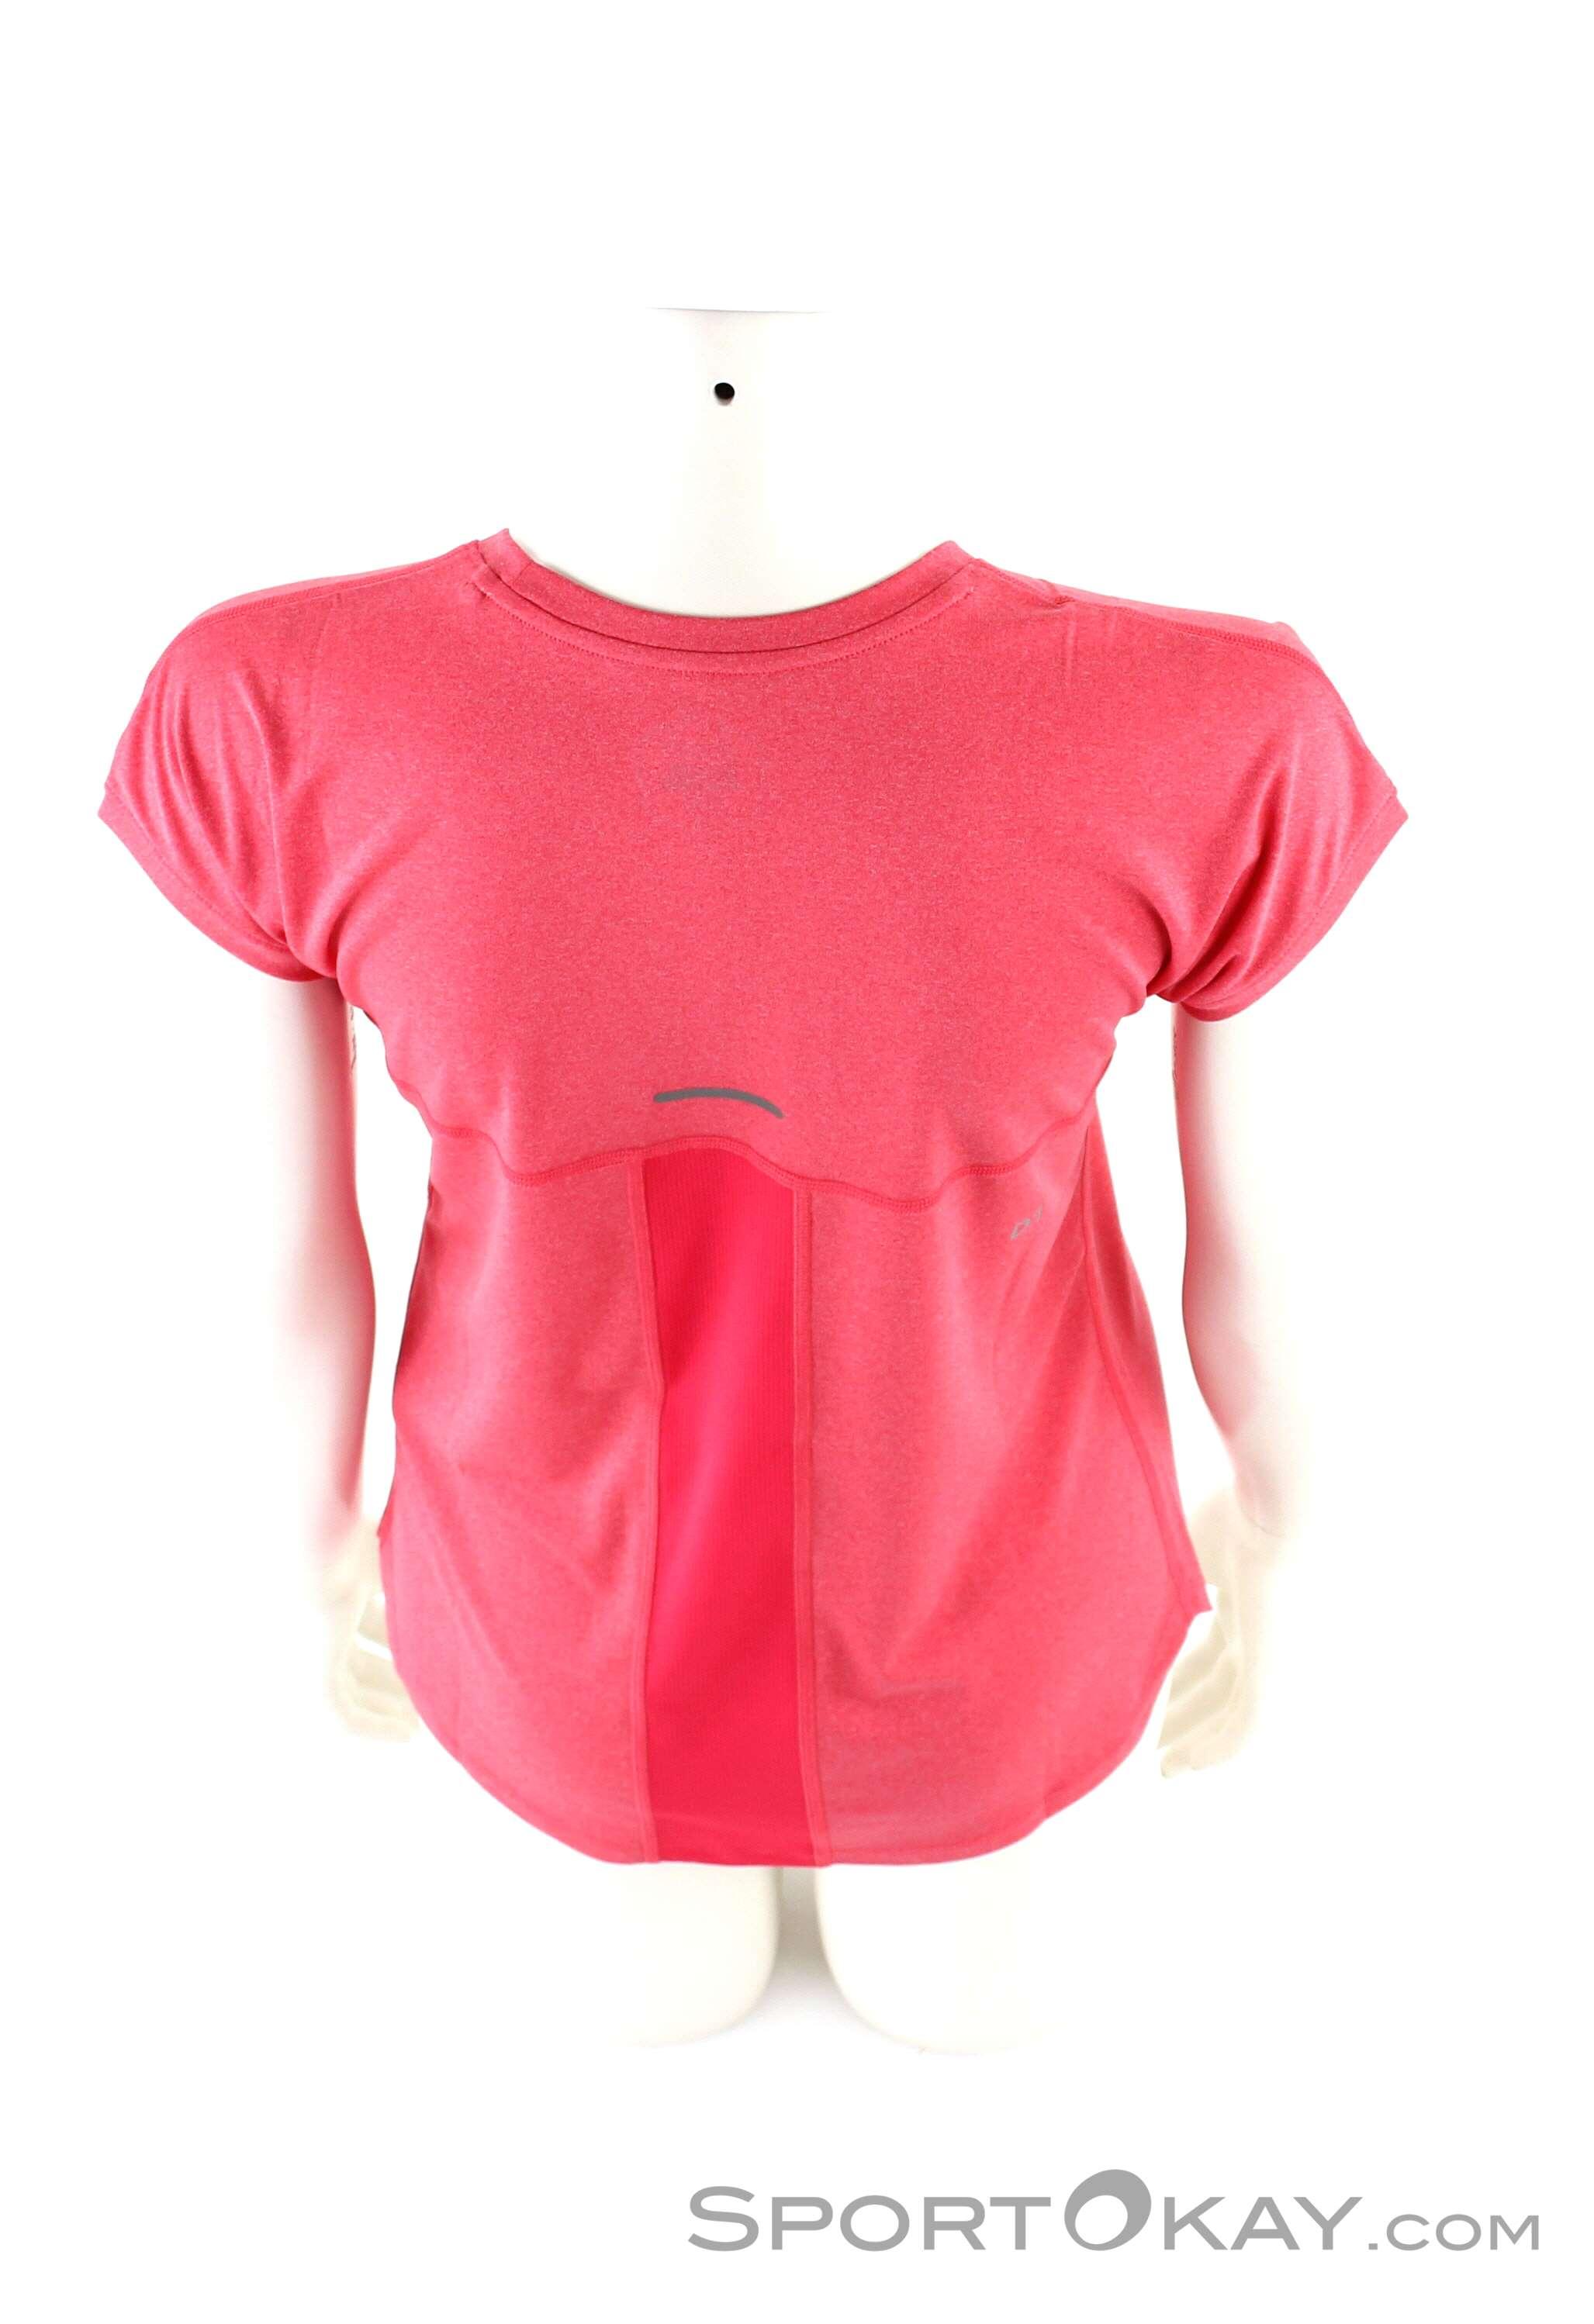 Asics Asics Capsleeve Top Damen T-Shirt